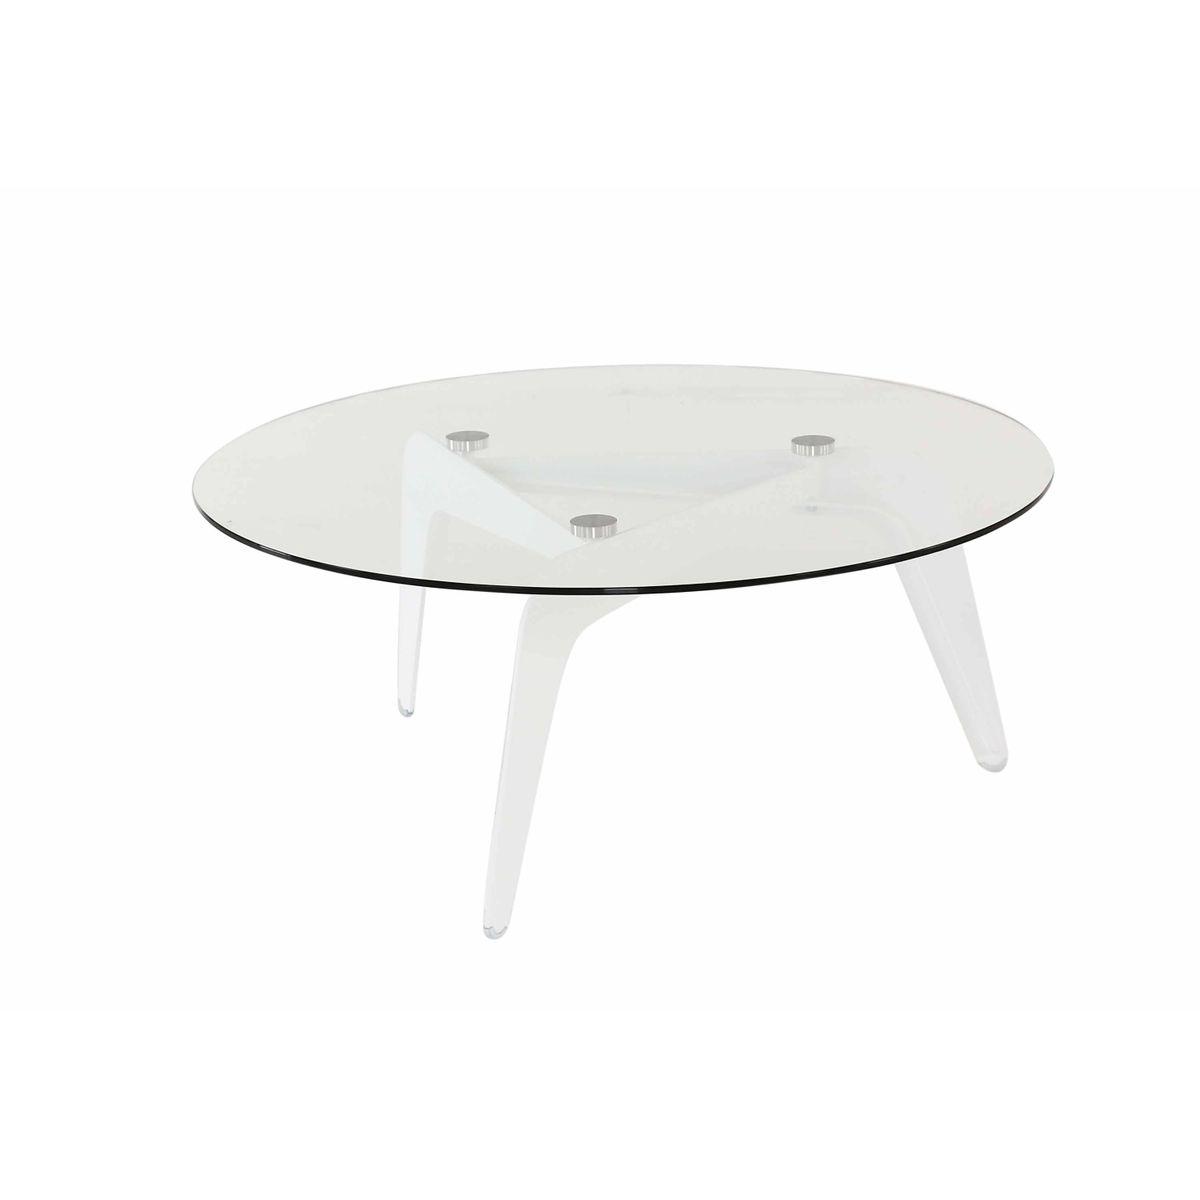 Table basse ronde verre et métal D96 cm Cald